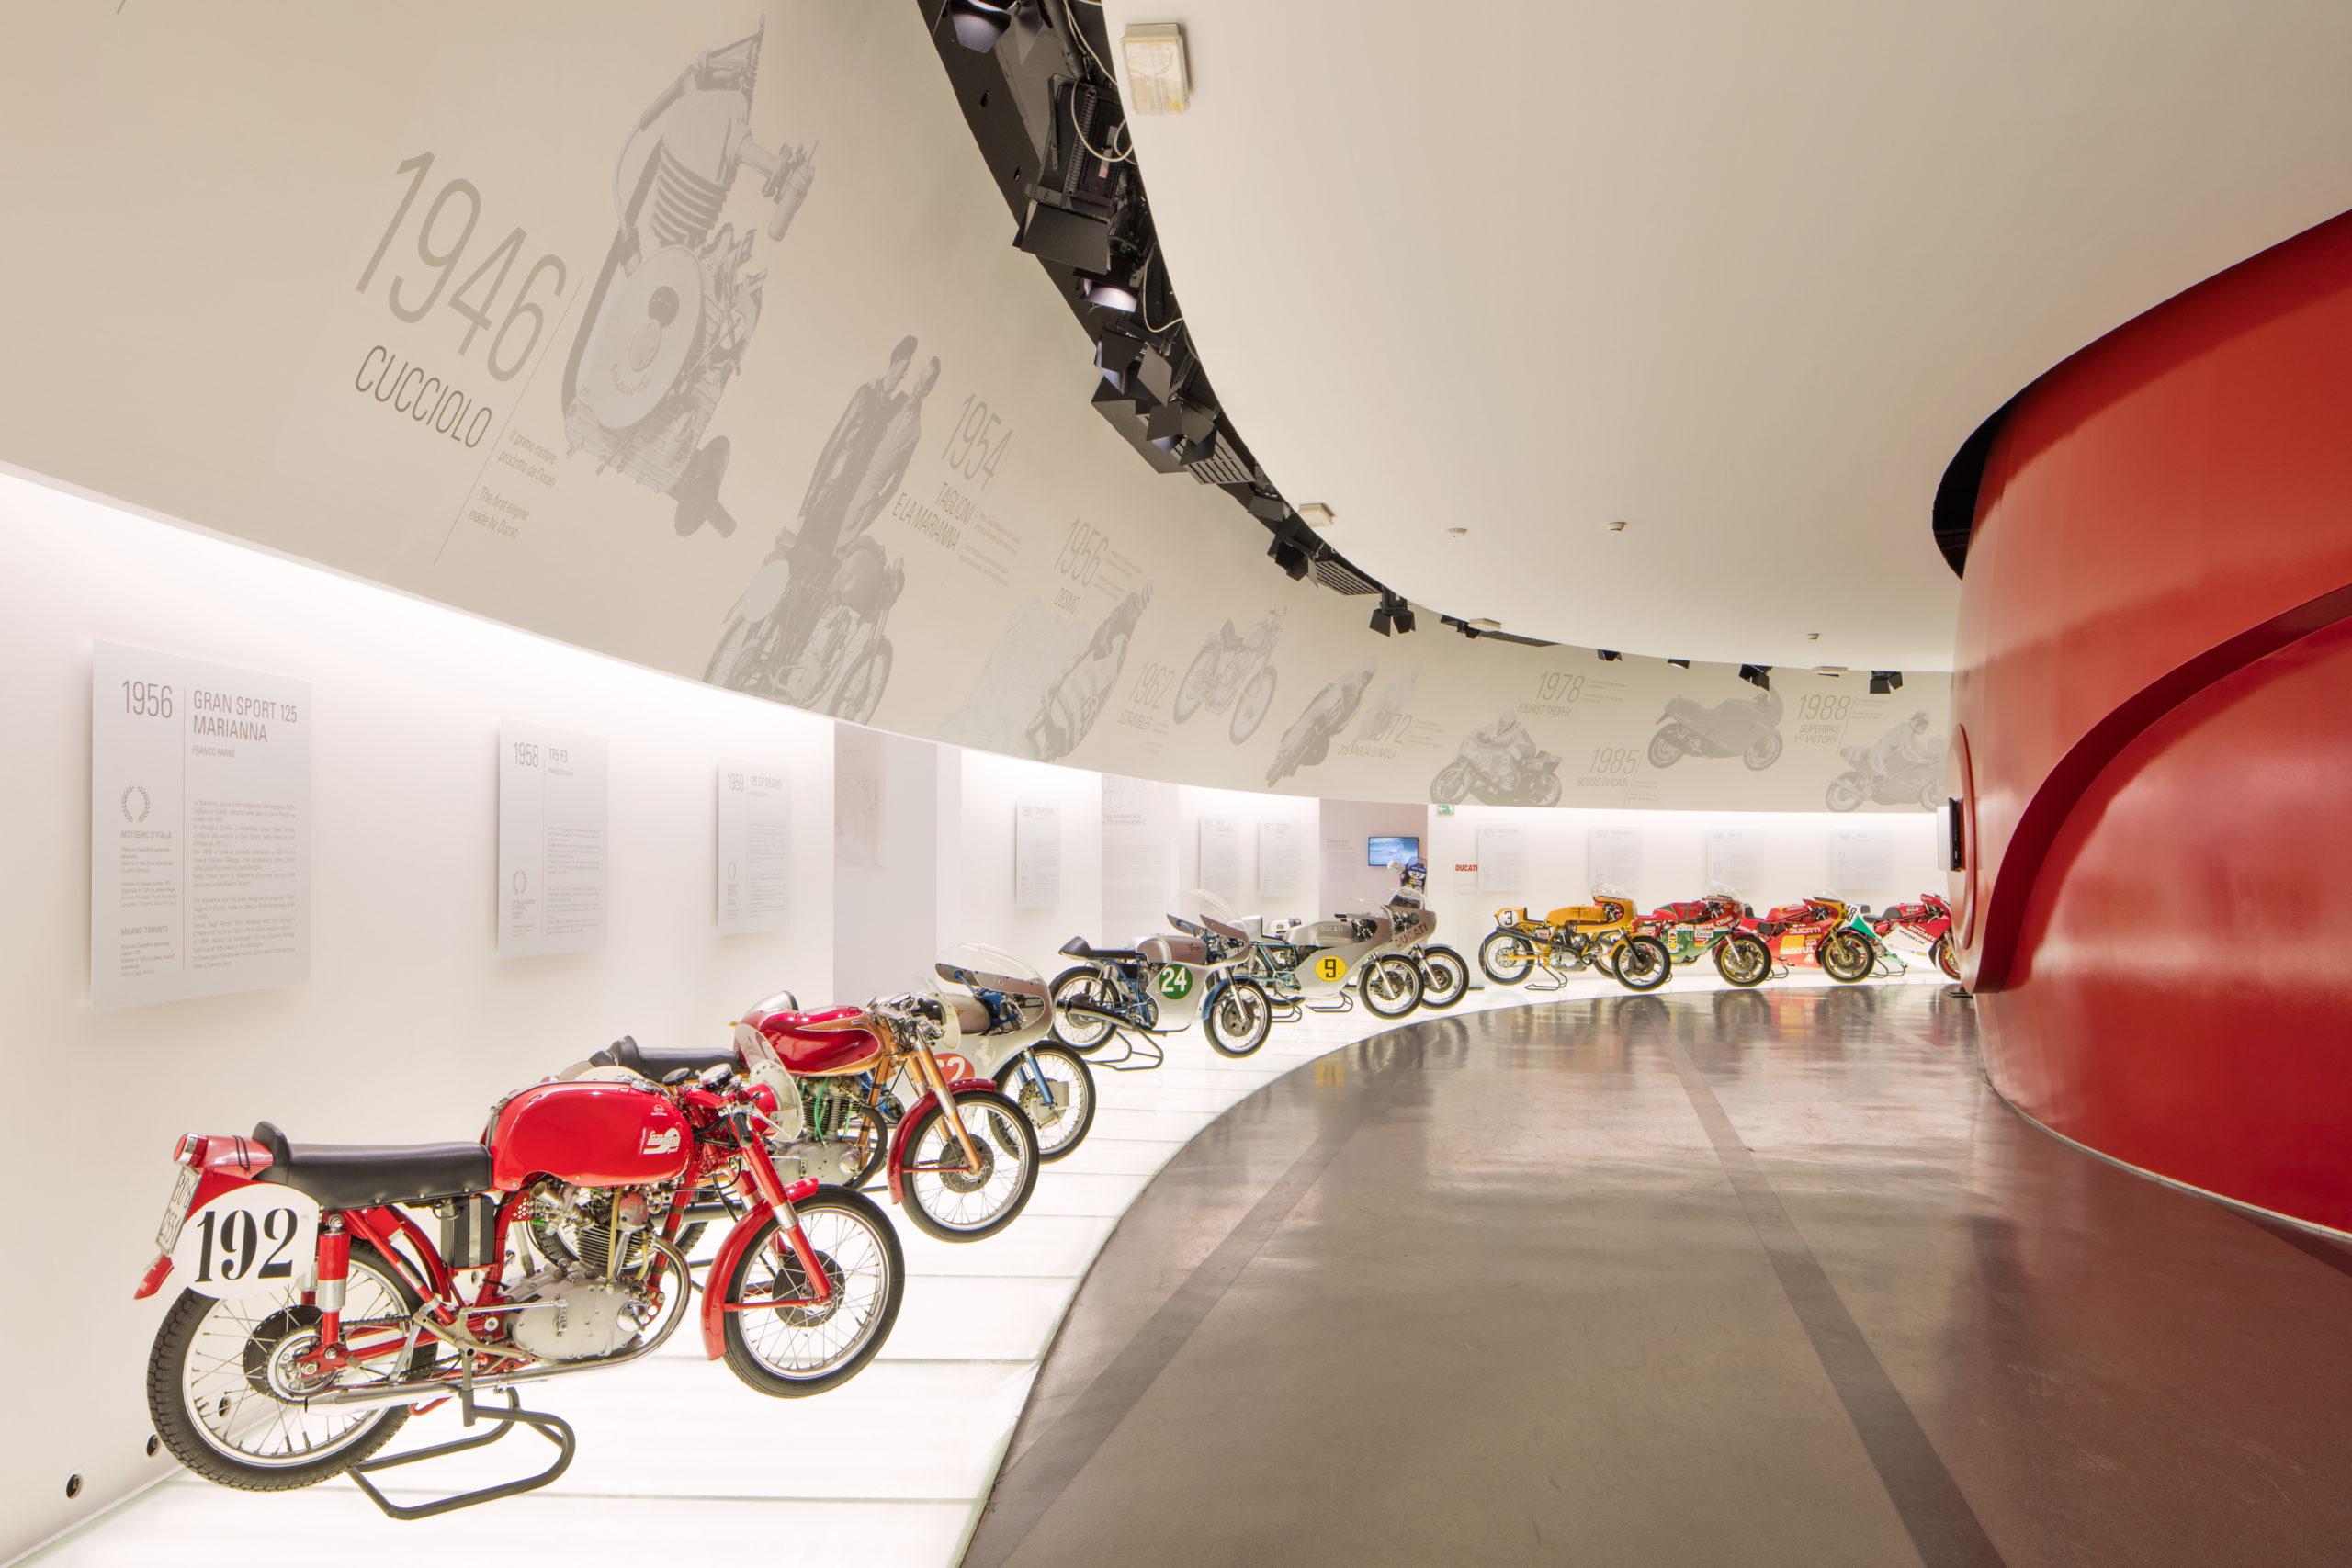 Visita Virtual ao Museu Ducati